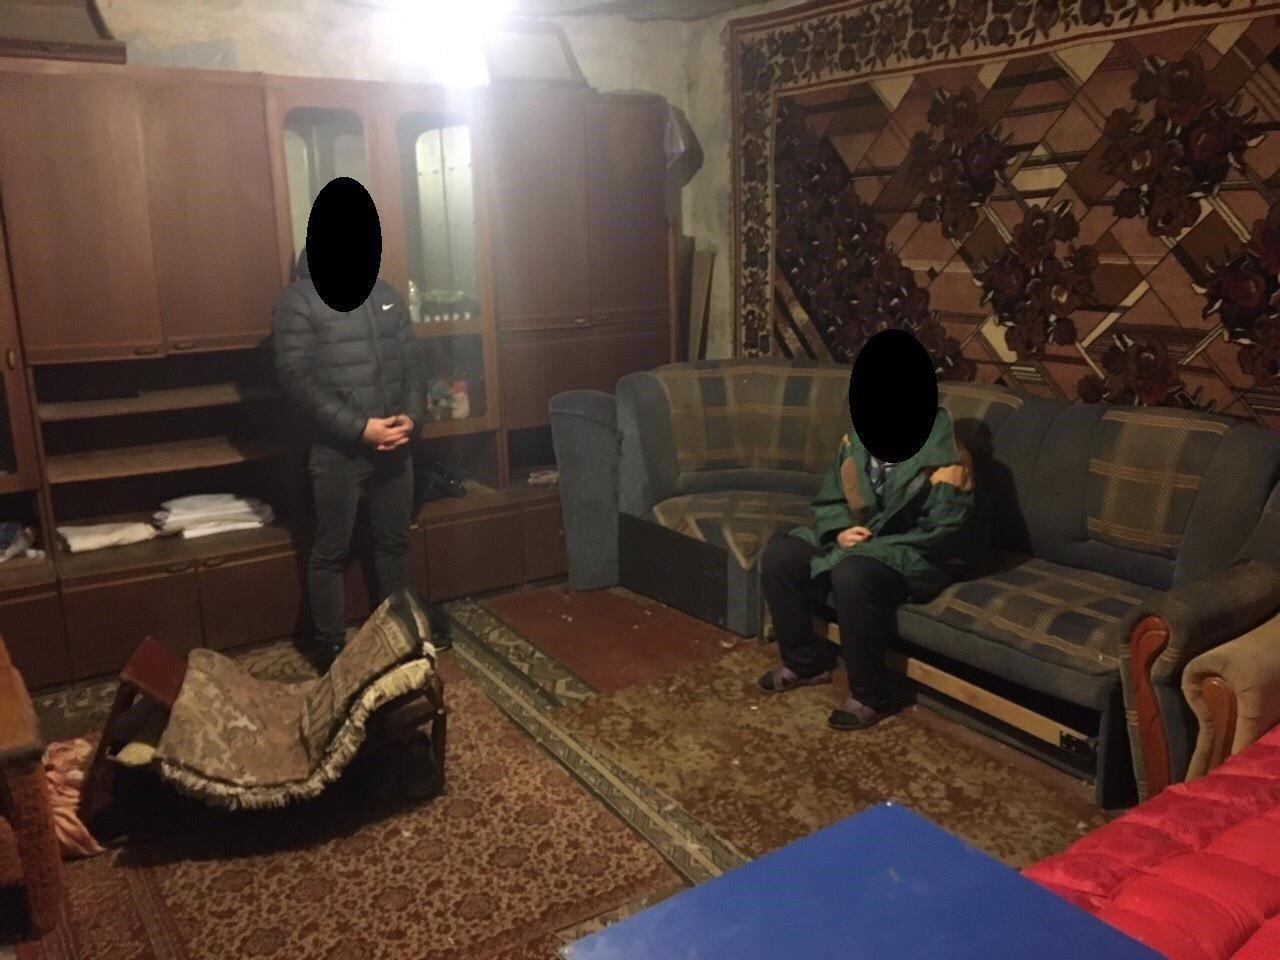 Трое мужчин, которые похитили и избили жителя Одесской области, пойдут под суд, - ФОТО, фото-2, Фото: Прокуратура Одесской области